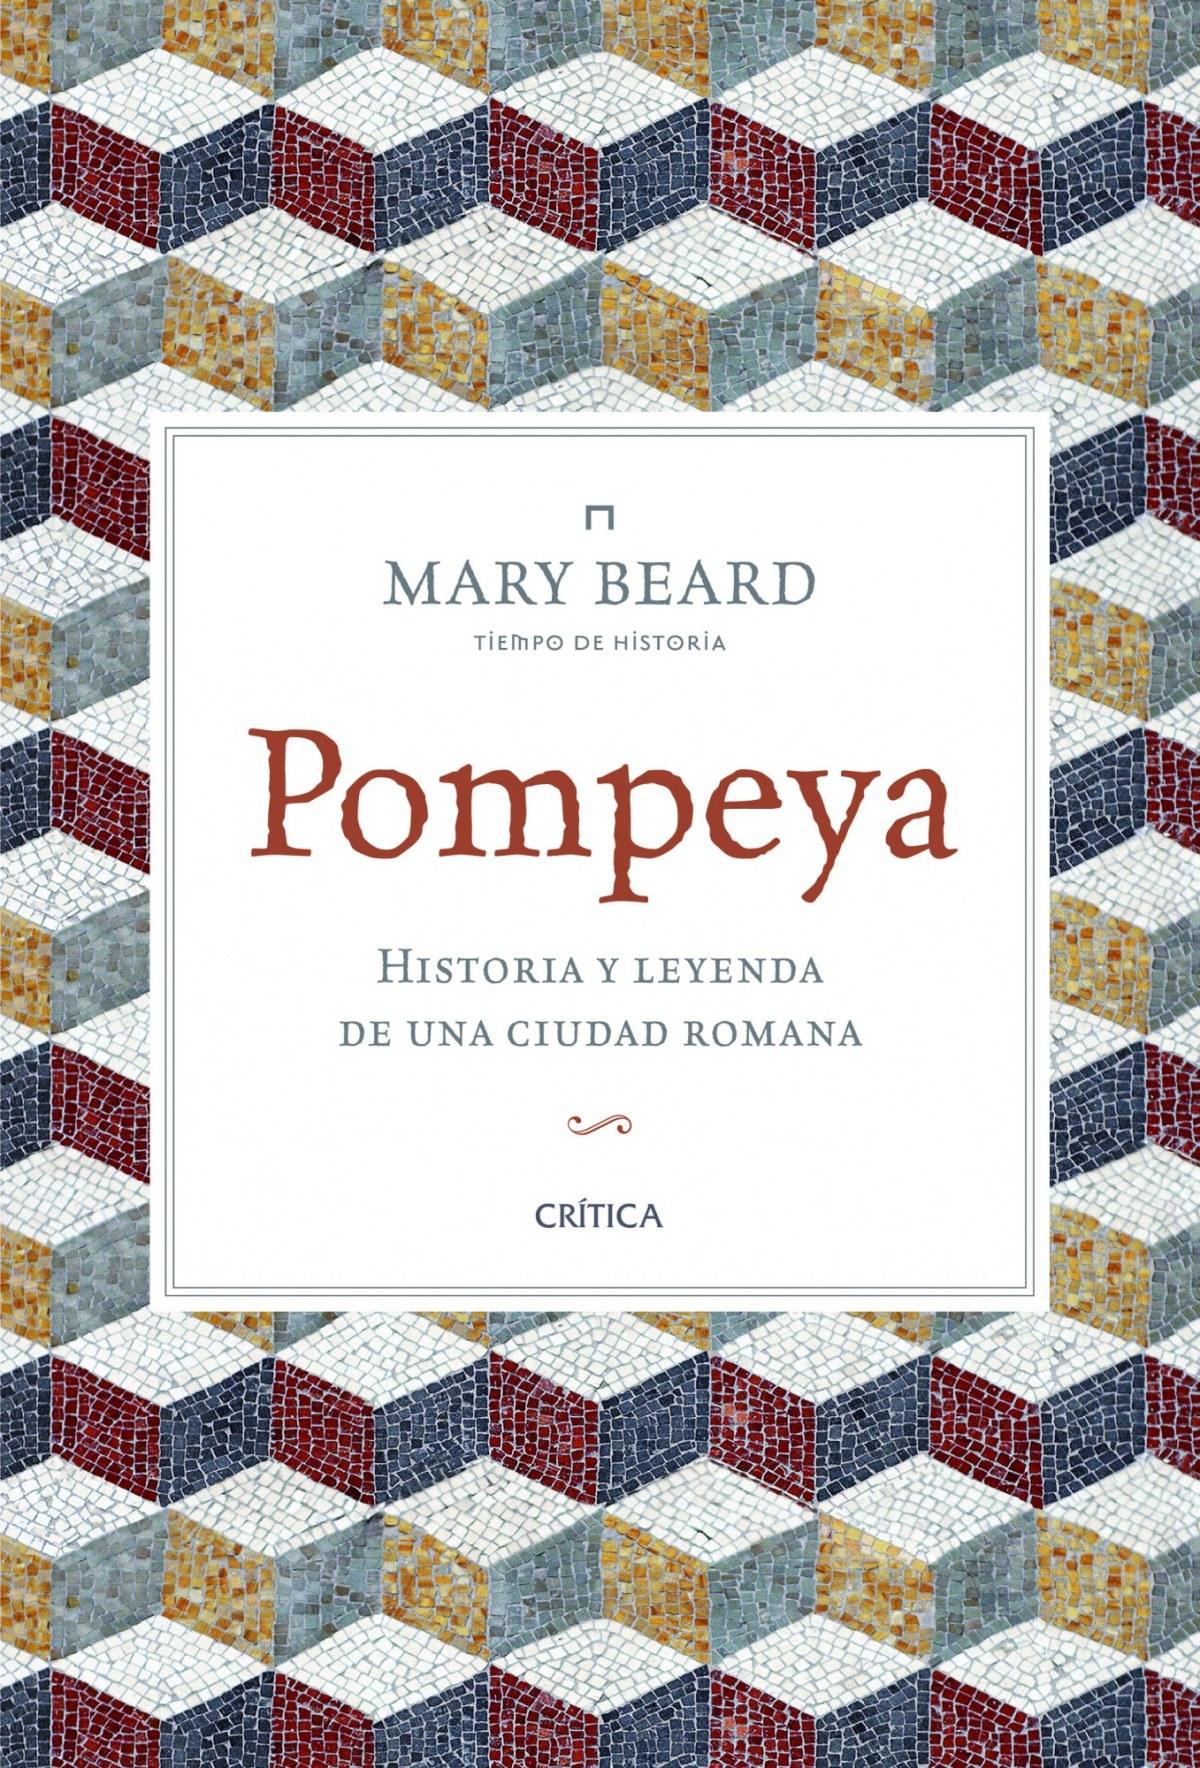 Pompeya. Historia y leyenda de ciudad romana 9788498926903